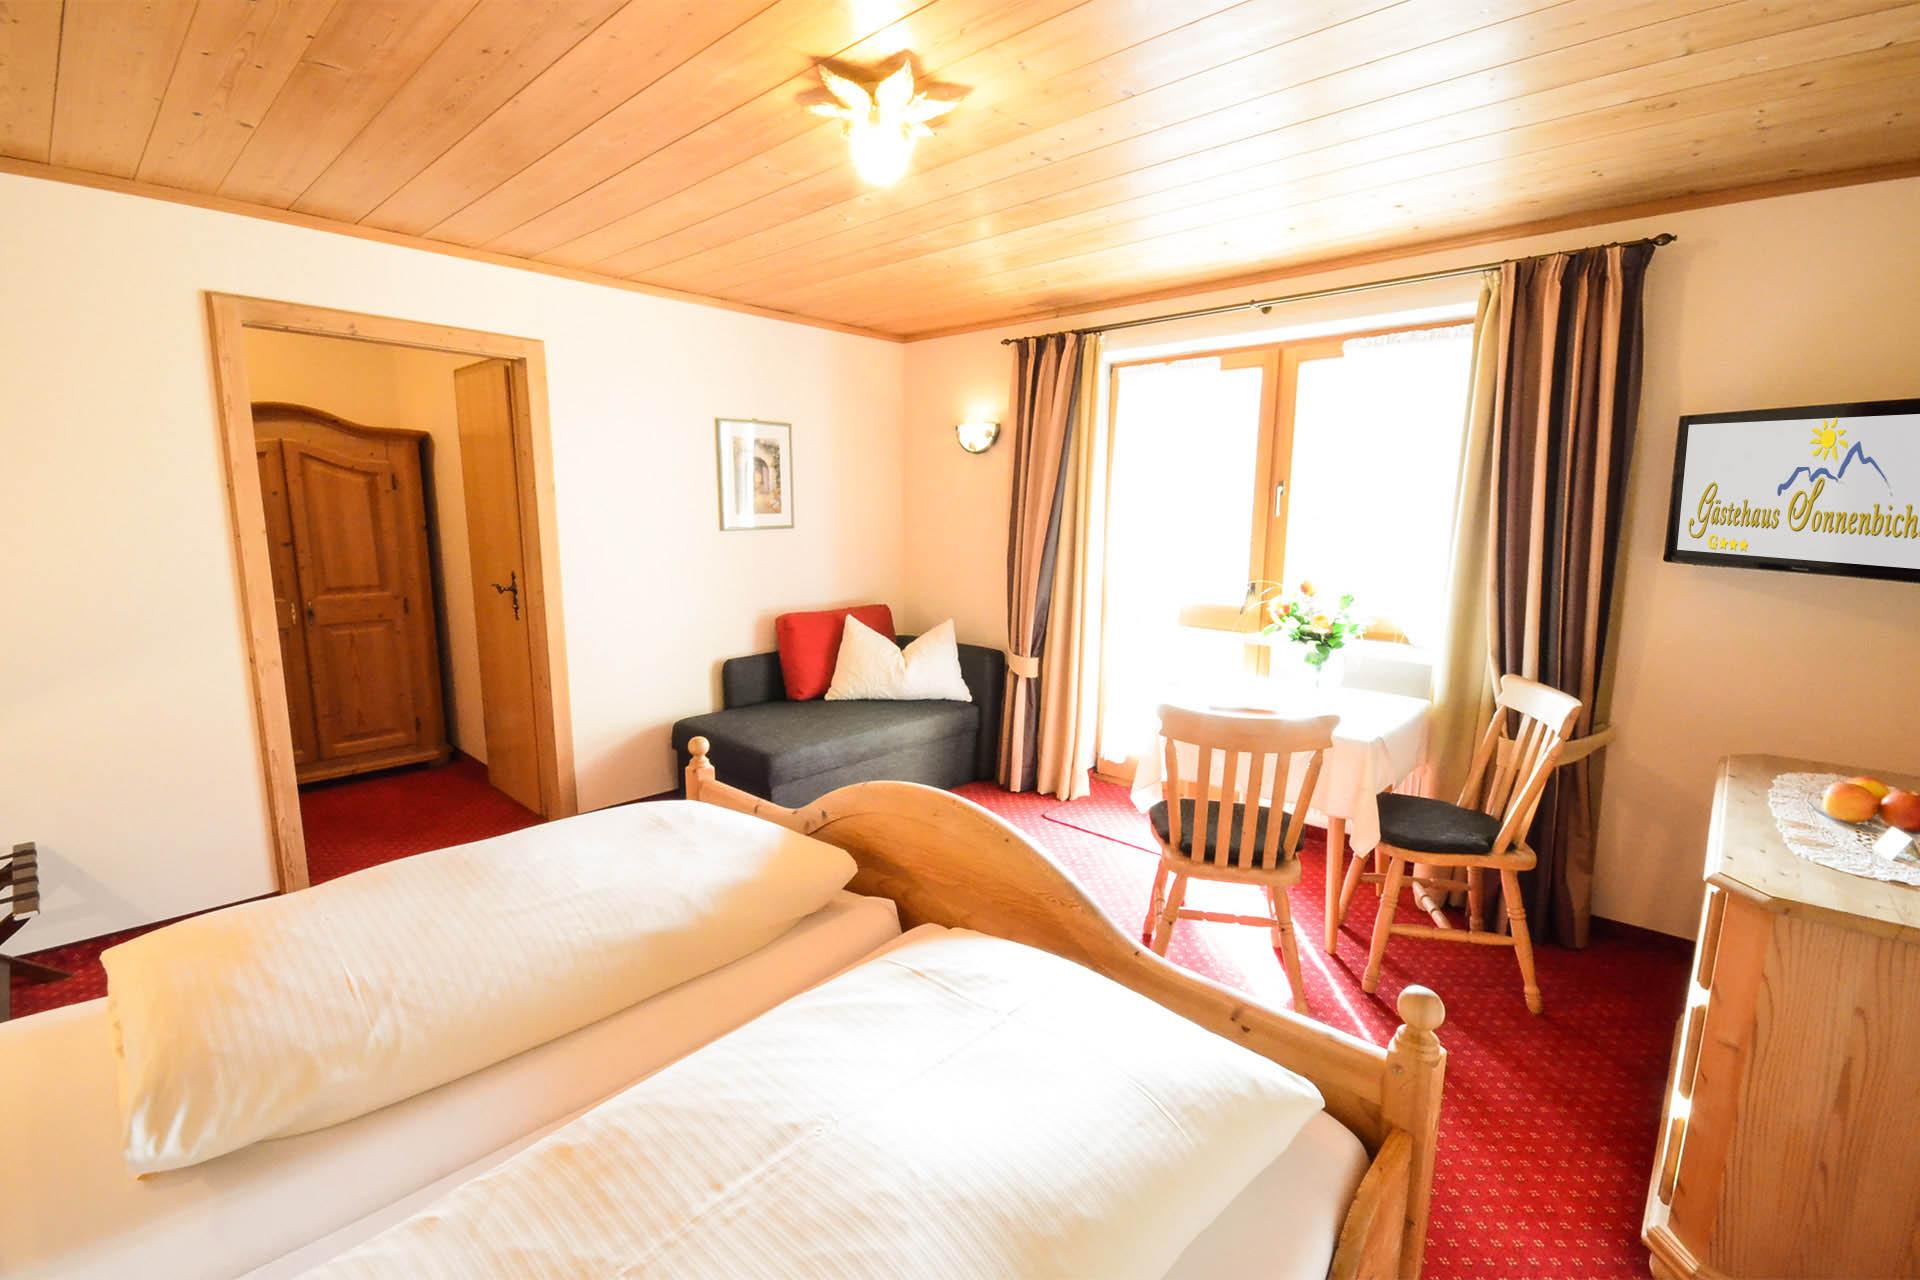 Gästehaus Fischbachau Zimmer Kategorie C - Wildrose